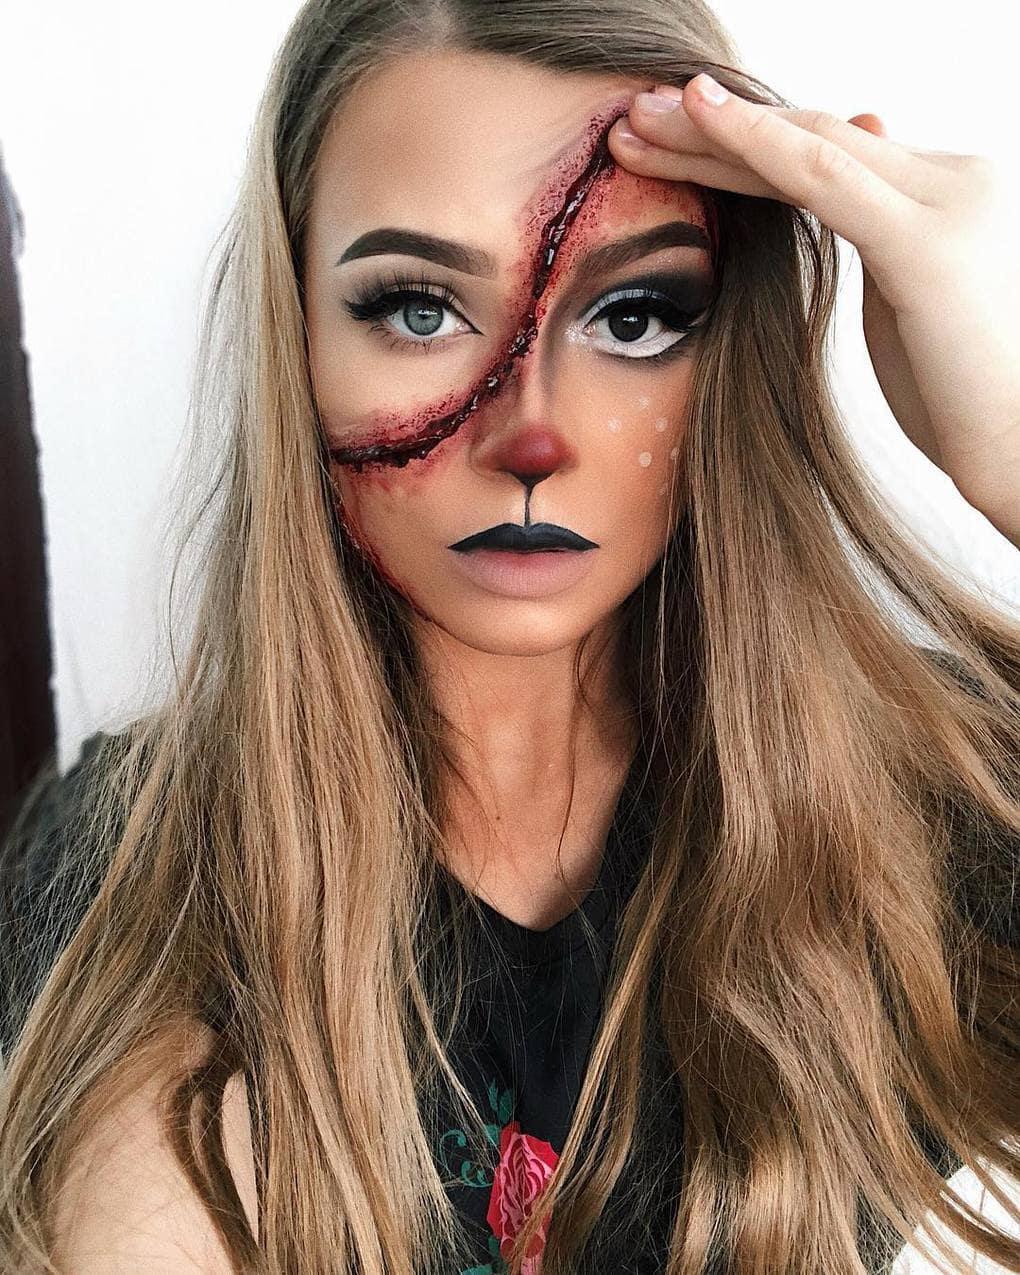 Визажист из Литвы делает макияж, с которым на Хэллоуине любая будет звездой вечеринки 6